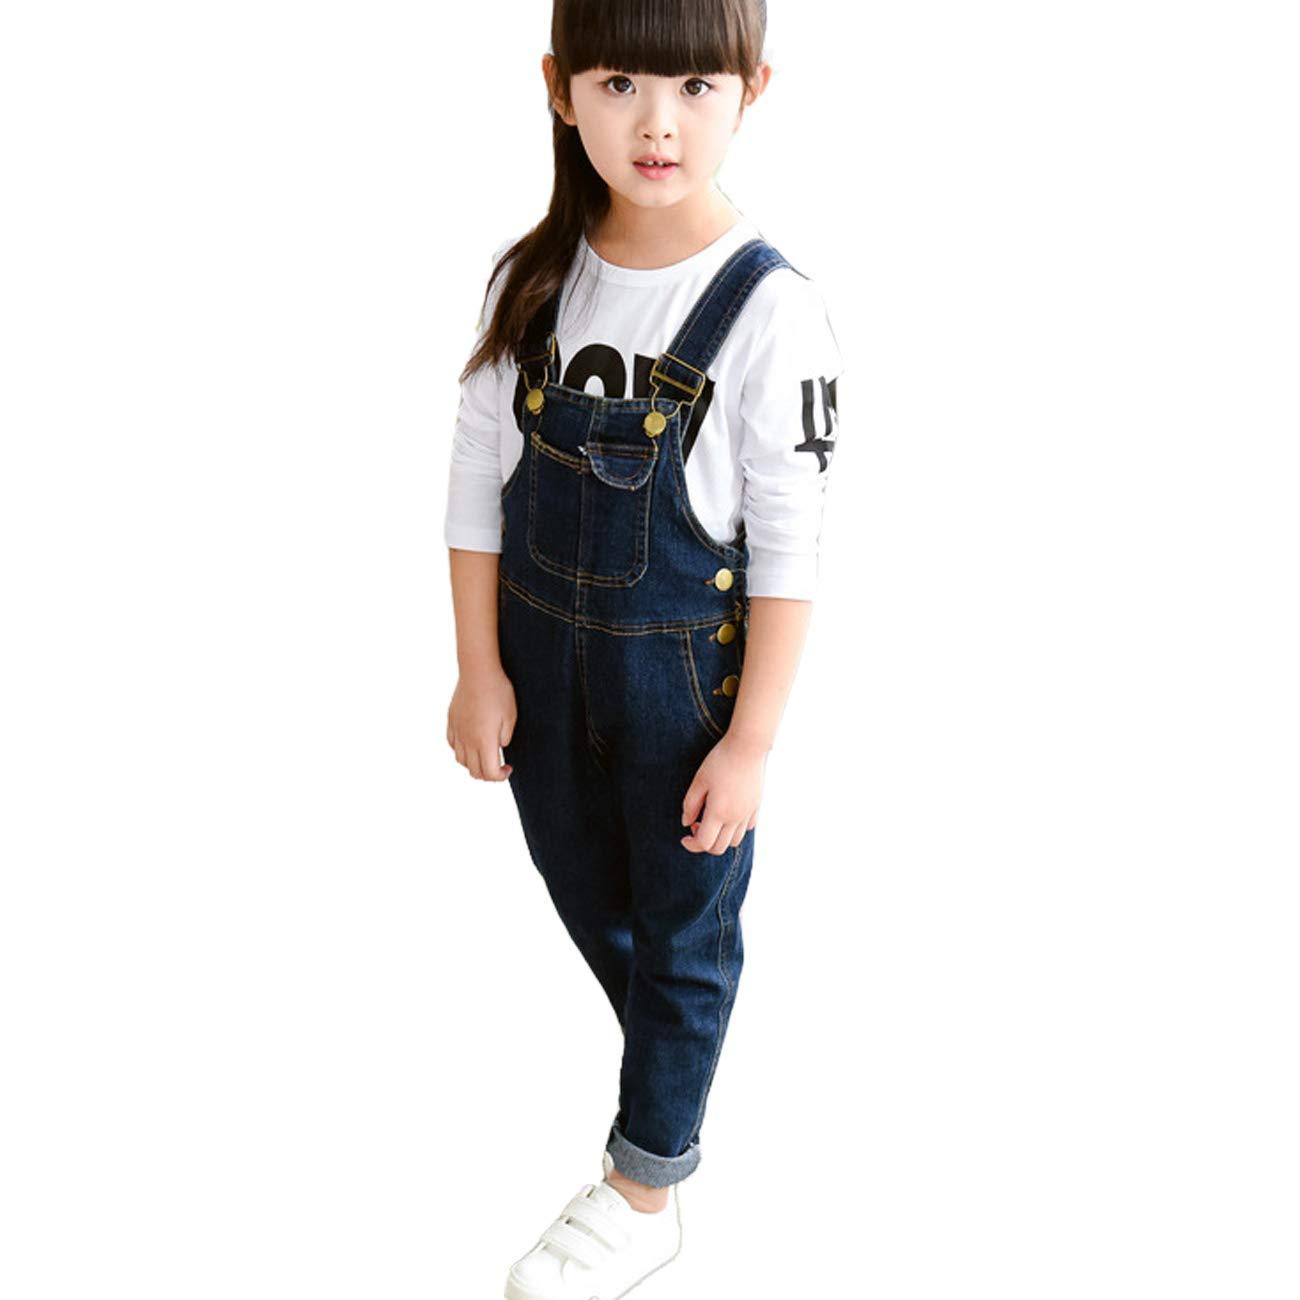 OnlyAngel Girls Adjustable Straps Suspender Bib Jeans Casual Denim Overalls Age 4-13 Years